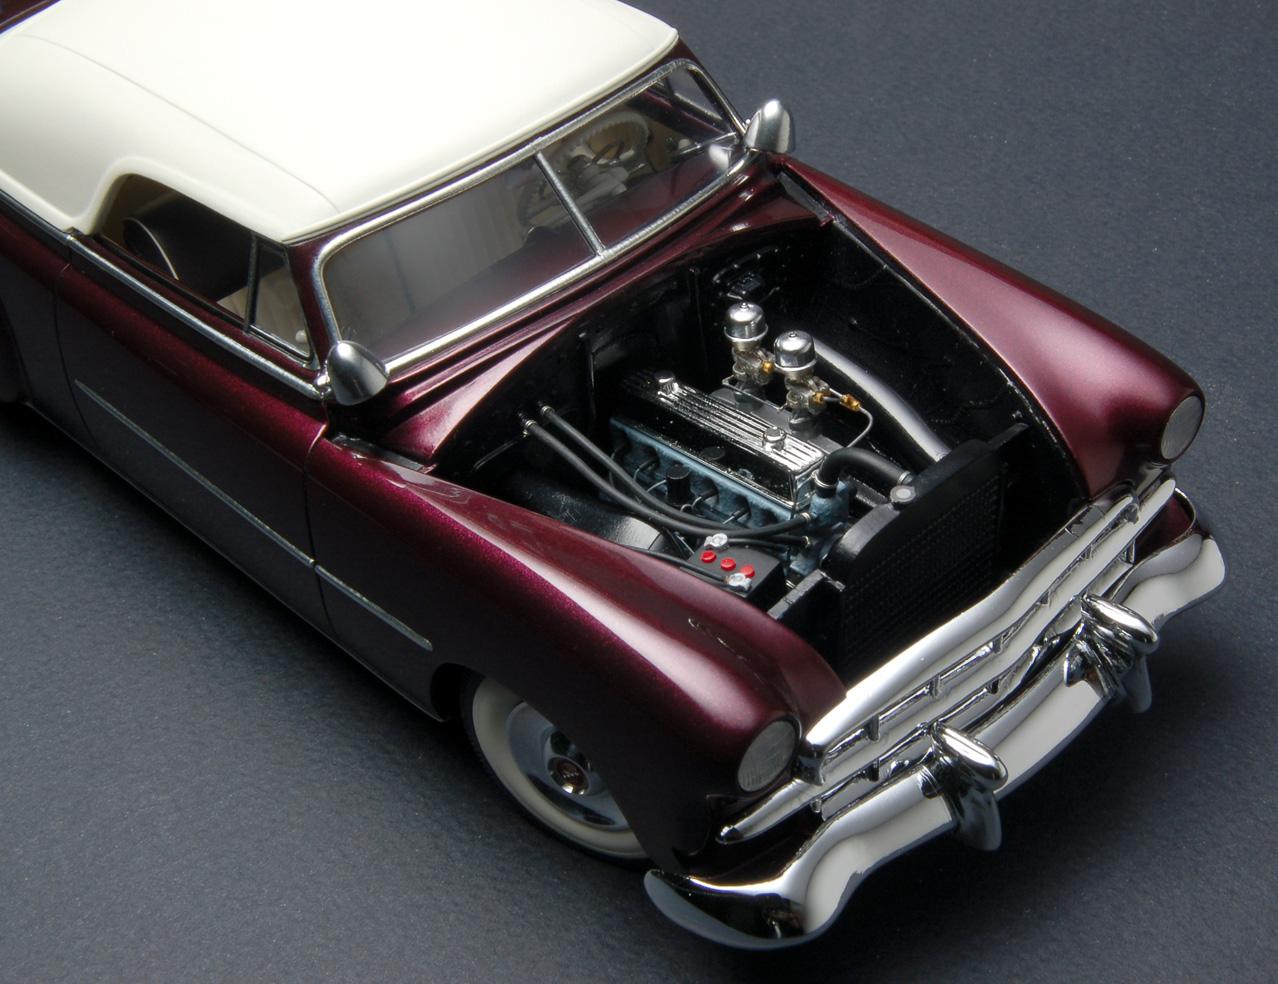 51_Chevy-02-17-14-1-s.jpg